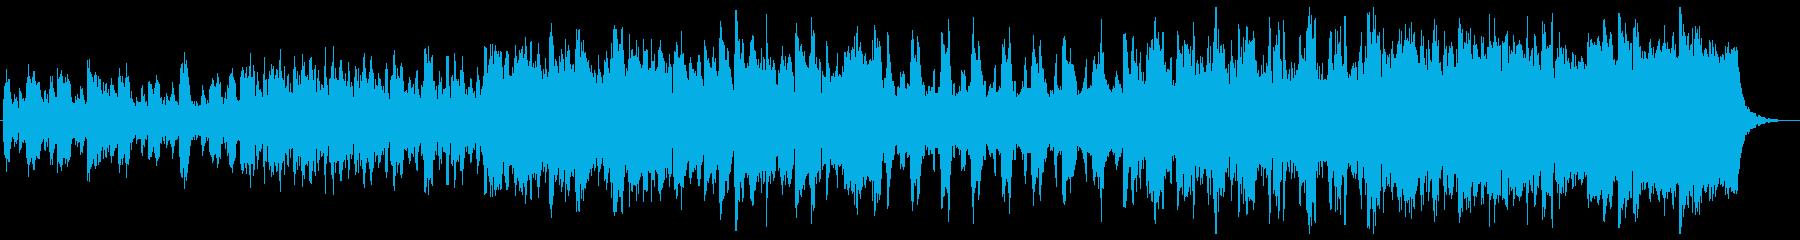 ケルト ピアノ フィドル 笛 疾走感の再生済みの波形